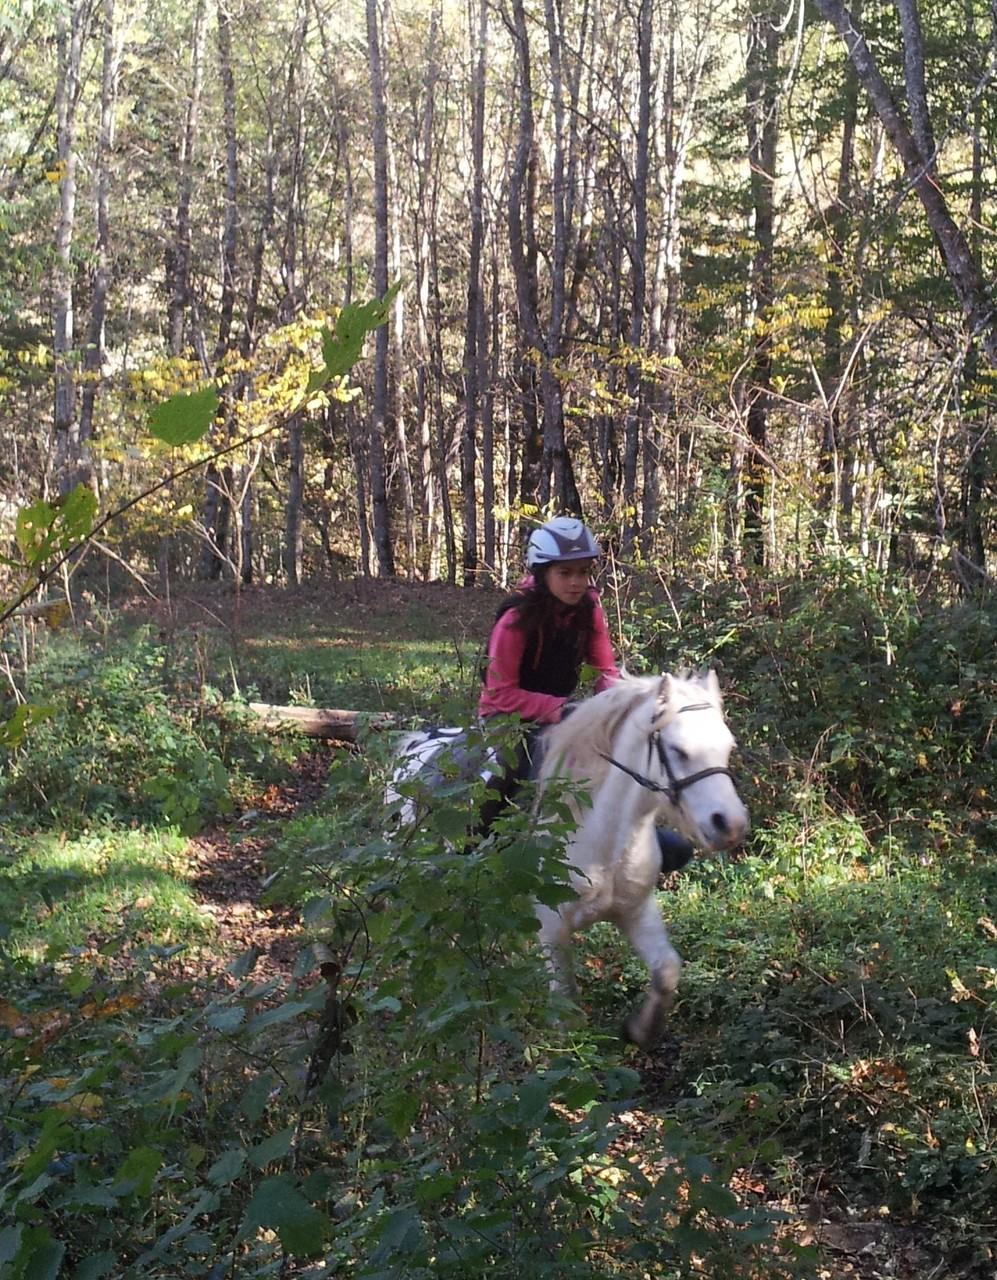 les cavaliers à poney profitent aussi grace aux parcours adaptés.